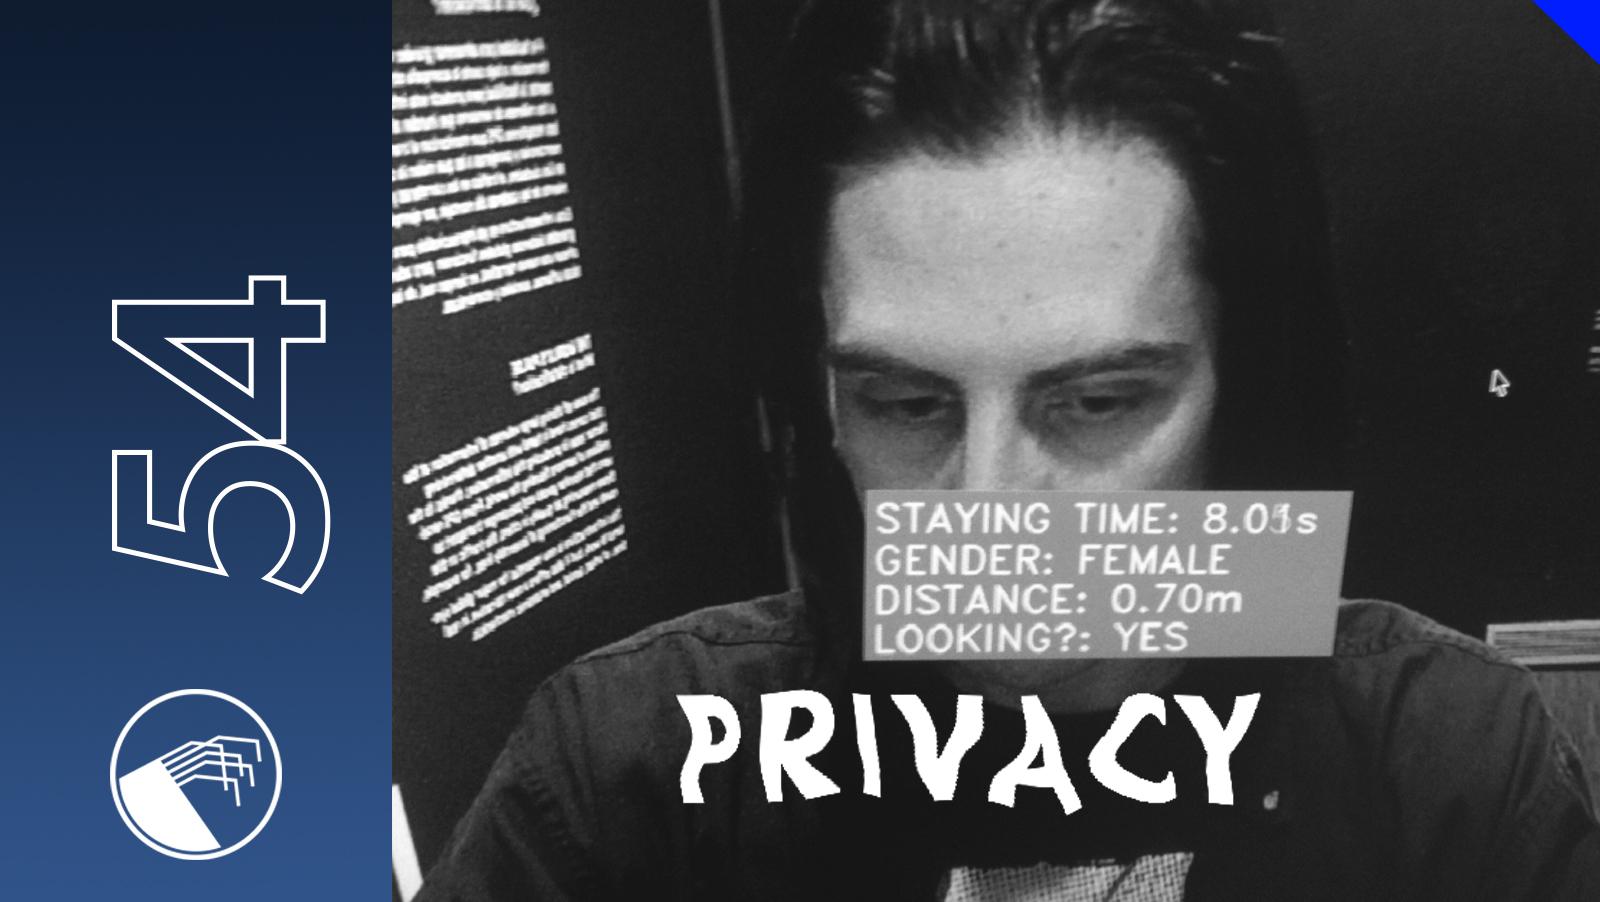 054 Privacy